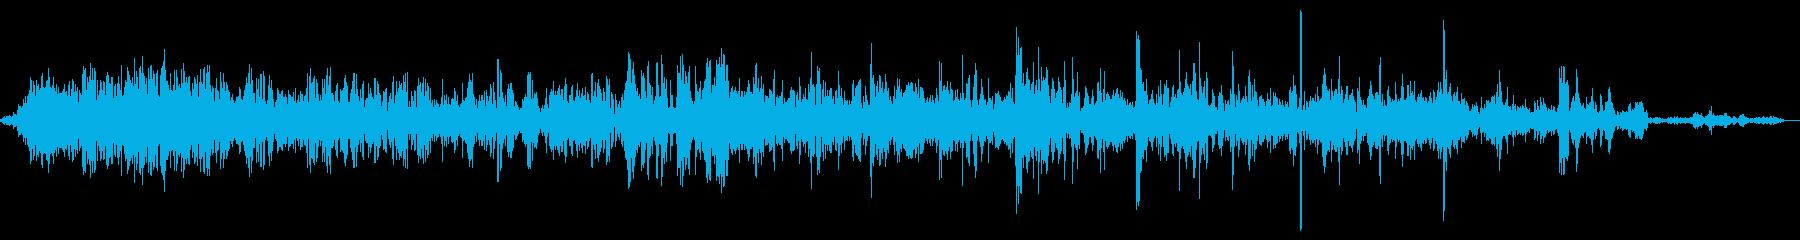 巻き戻し巻き戻し16の再生済みの波形